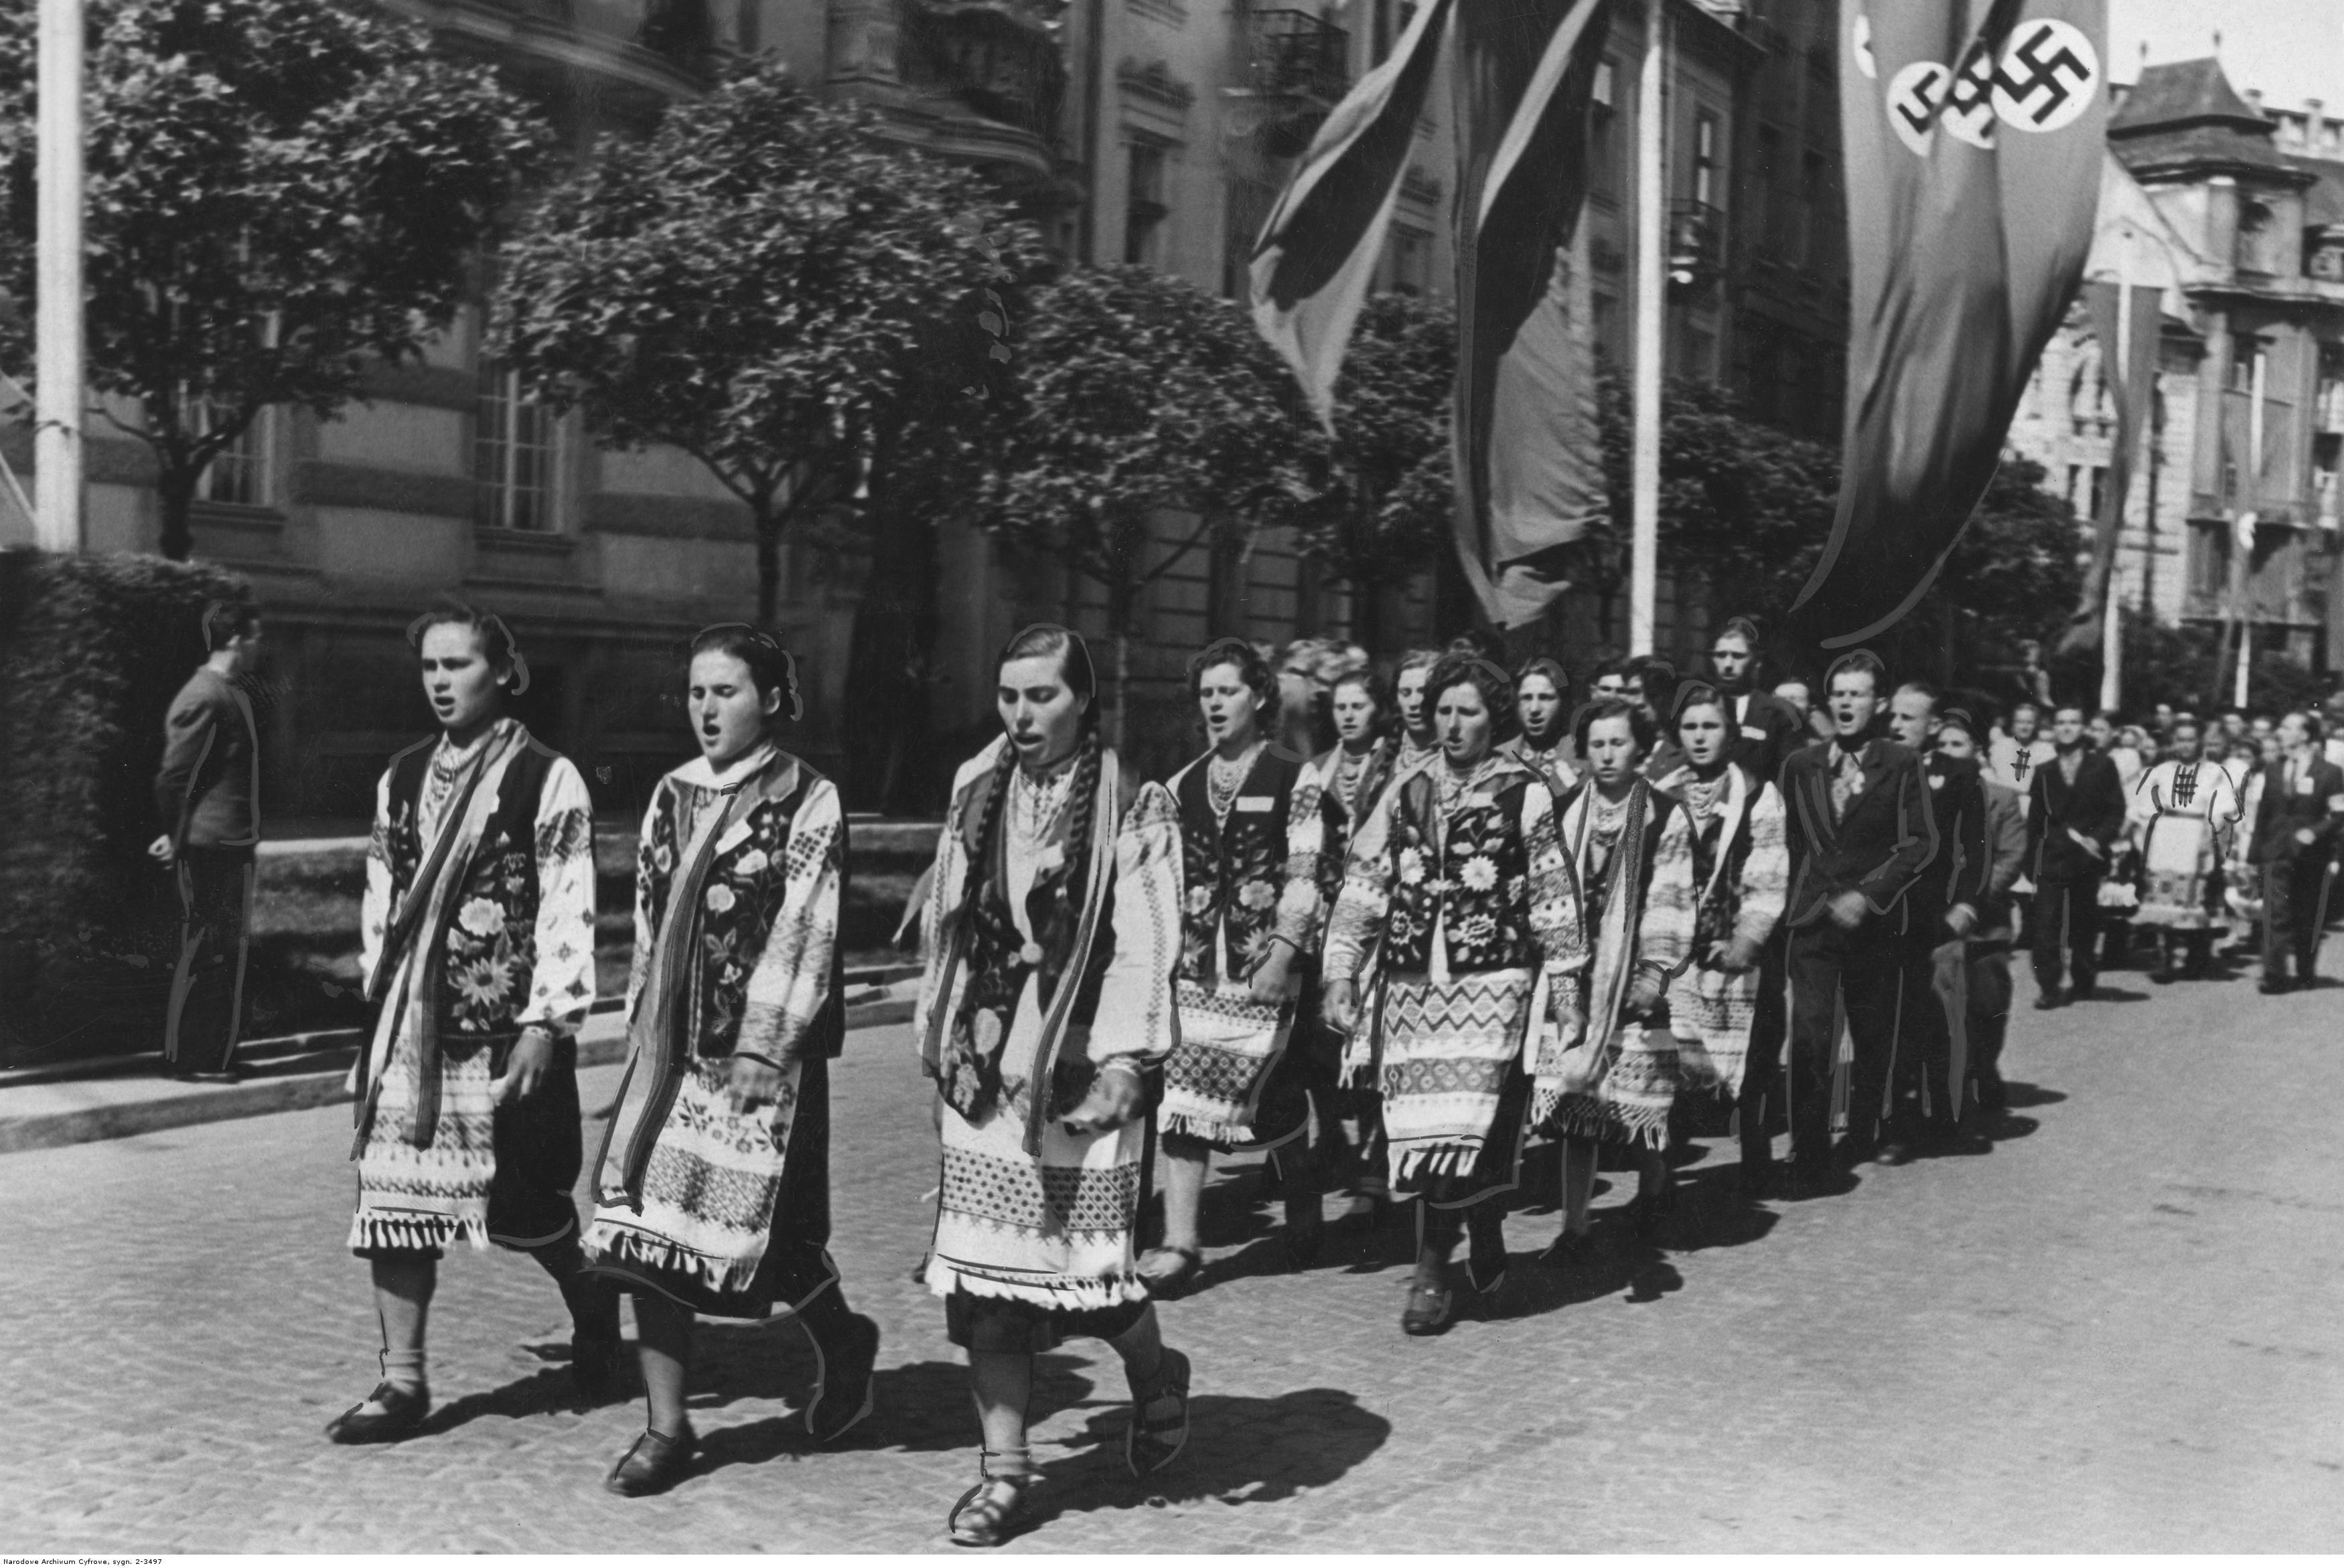 1942. Празднование первой годовщины присоединения Галиции к Генерал-губернаторству. Украинское население в народных костюмах во время шествия по городской улице. Август